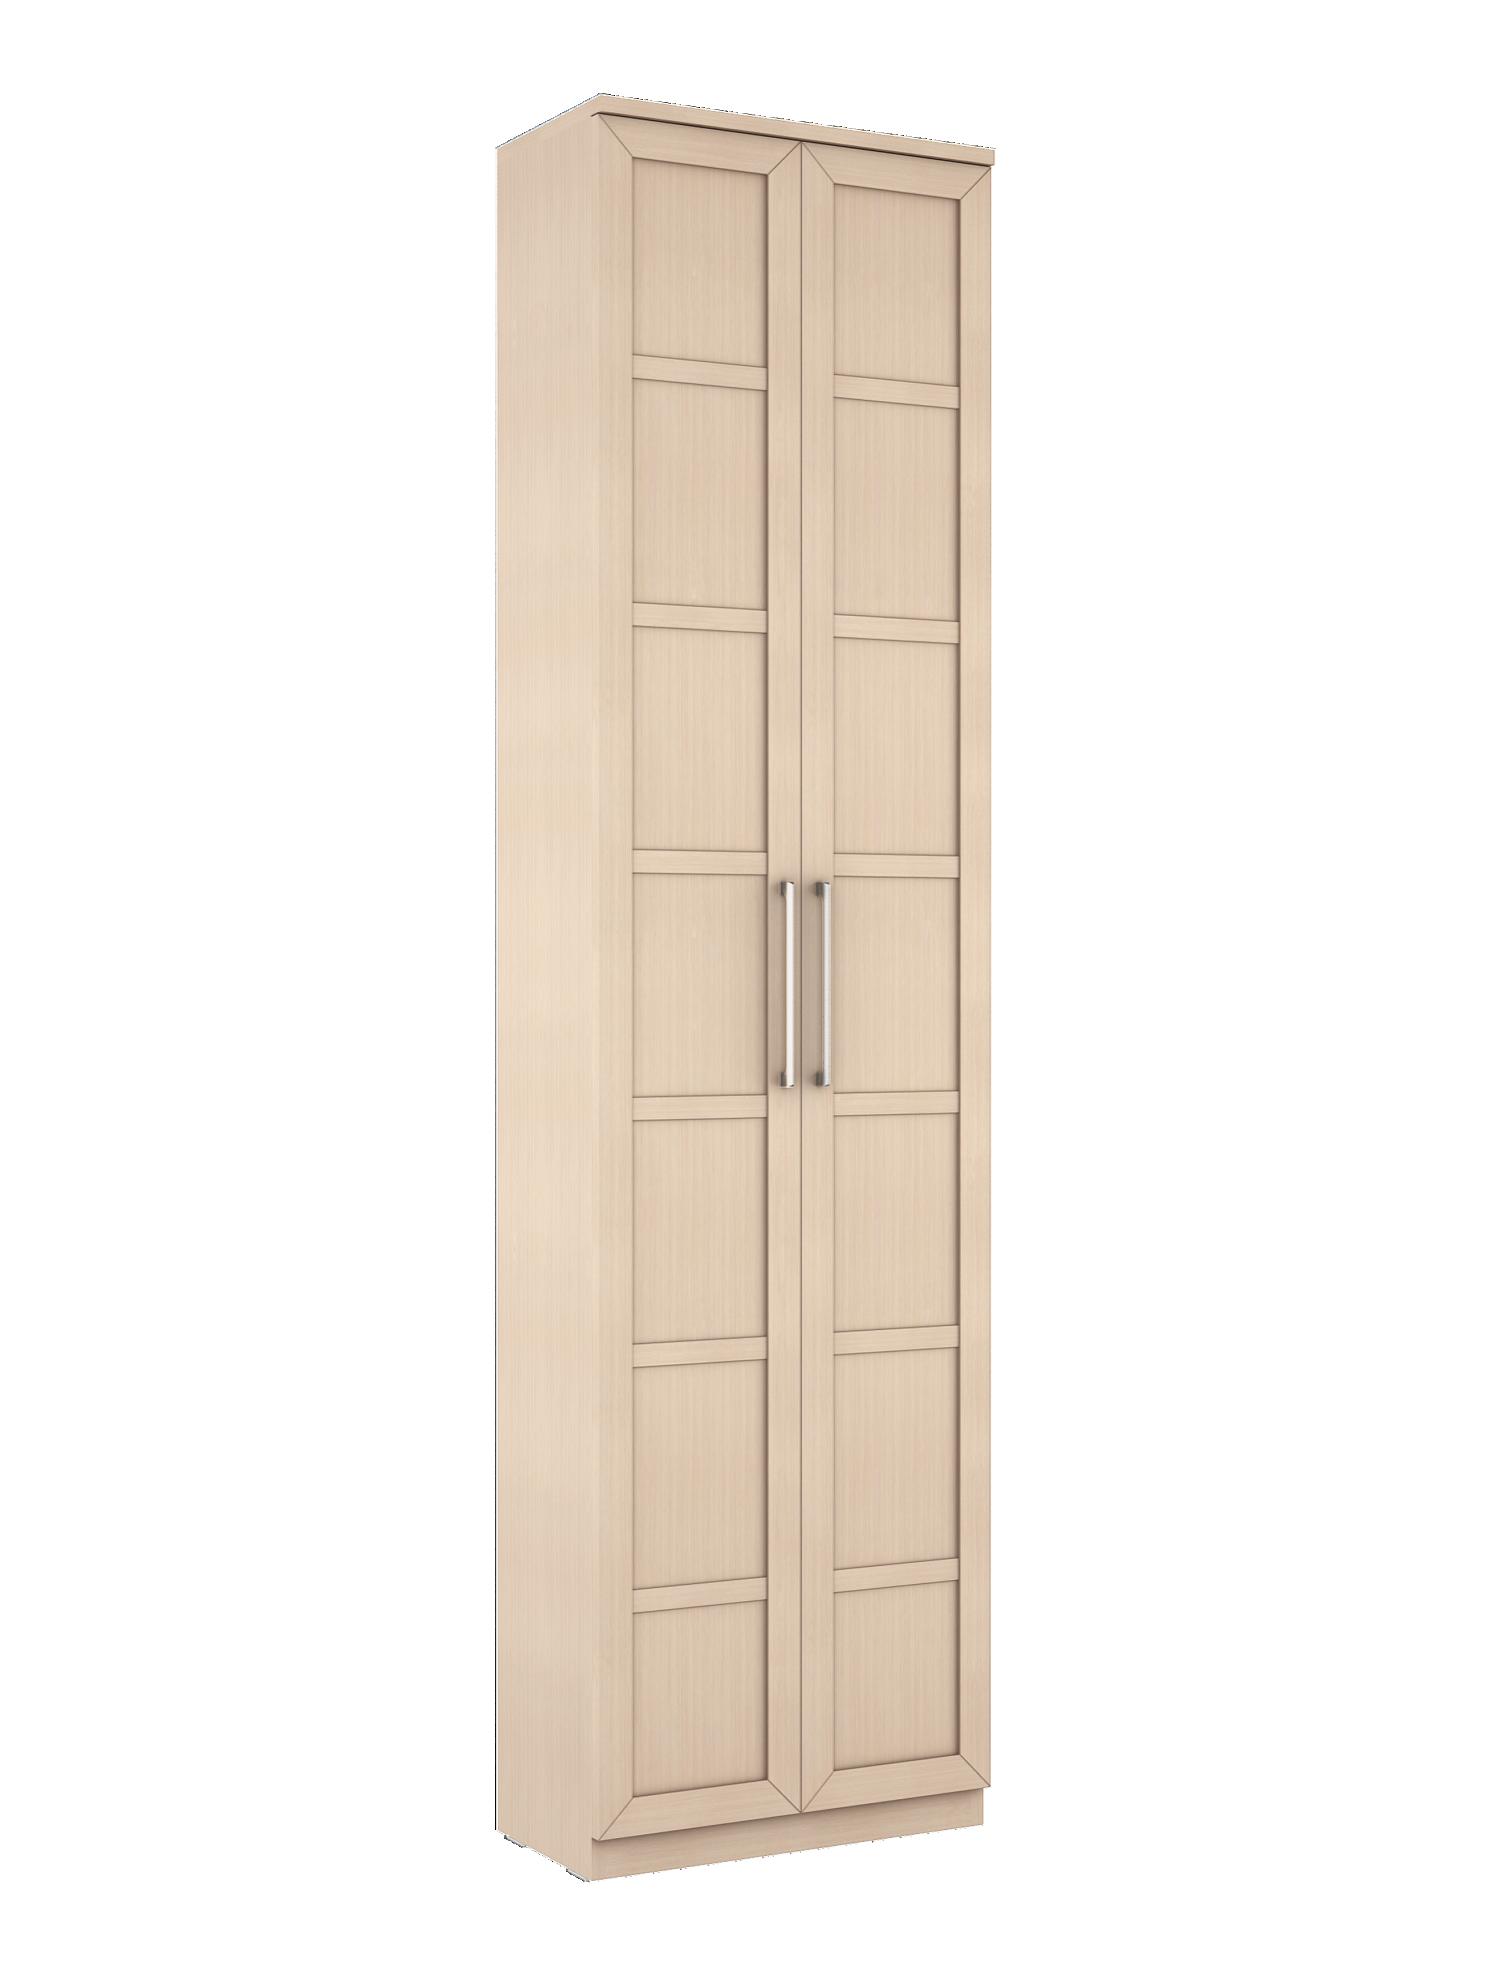 Соло 058 Шкаф платяной фасады ДСП Дуб Молочный